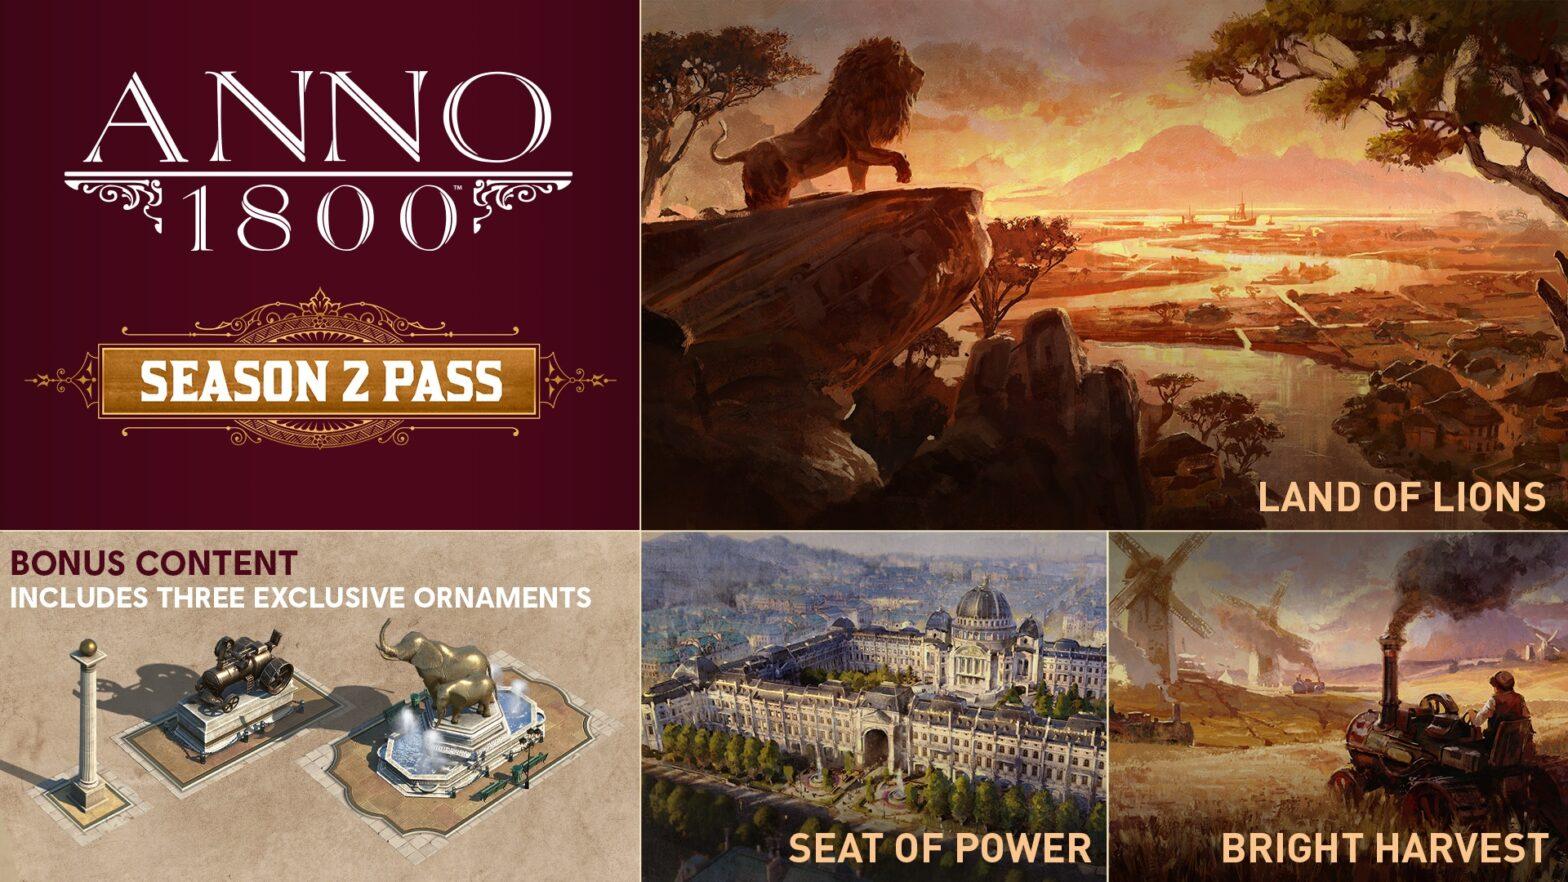 Neue Details zum Anno 1800 Seasonpass